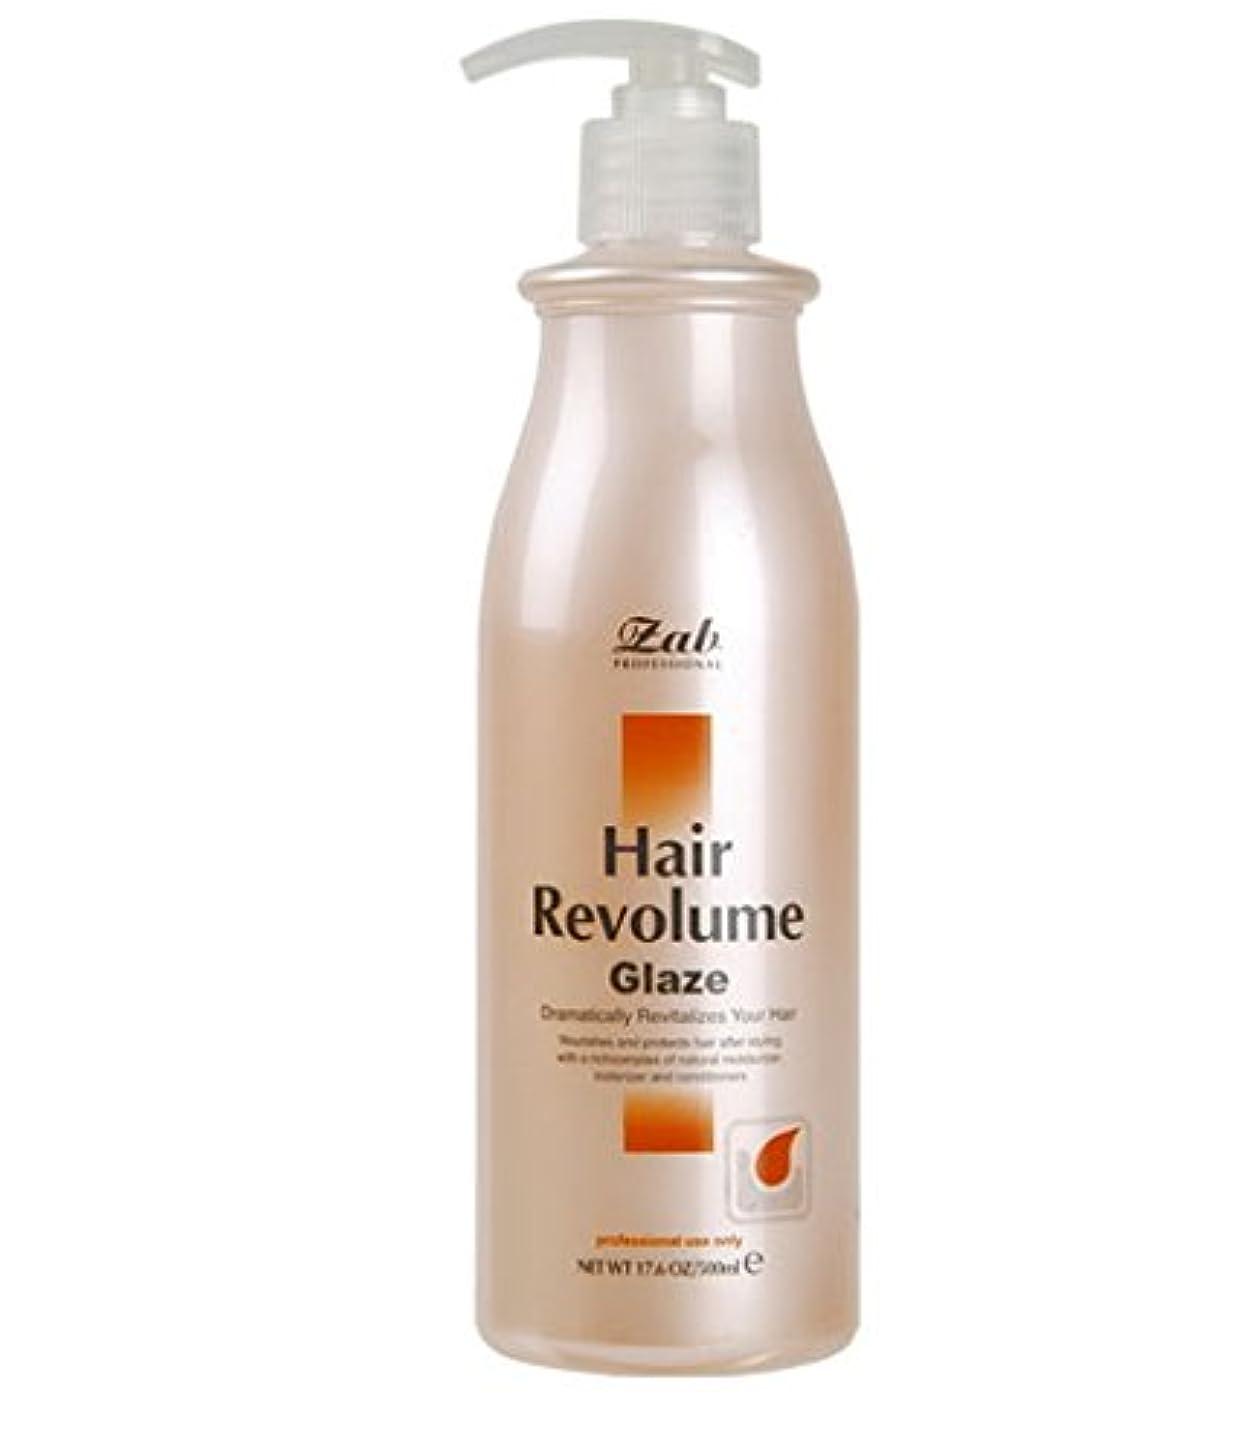 減衰可能にする対称[MONALIZA/モナリザ] zab Hair Revolume Glaze 500ml/ジャブ毛深いボリュームグレーズ(海外直送品)